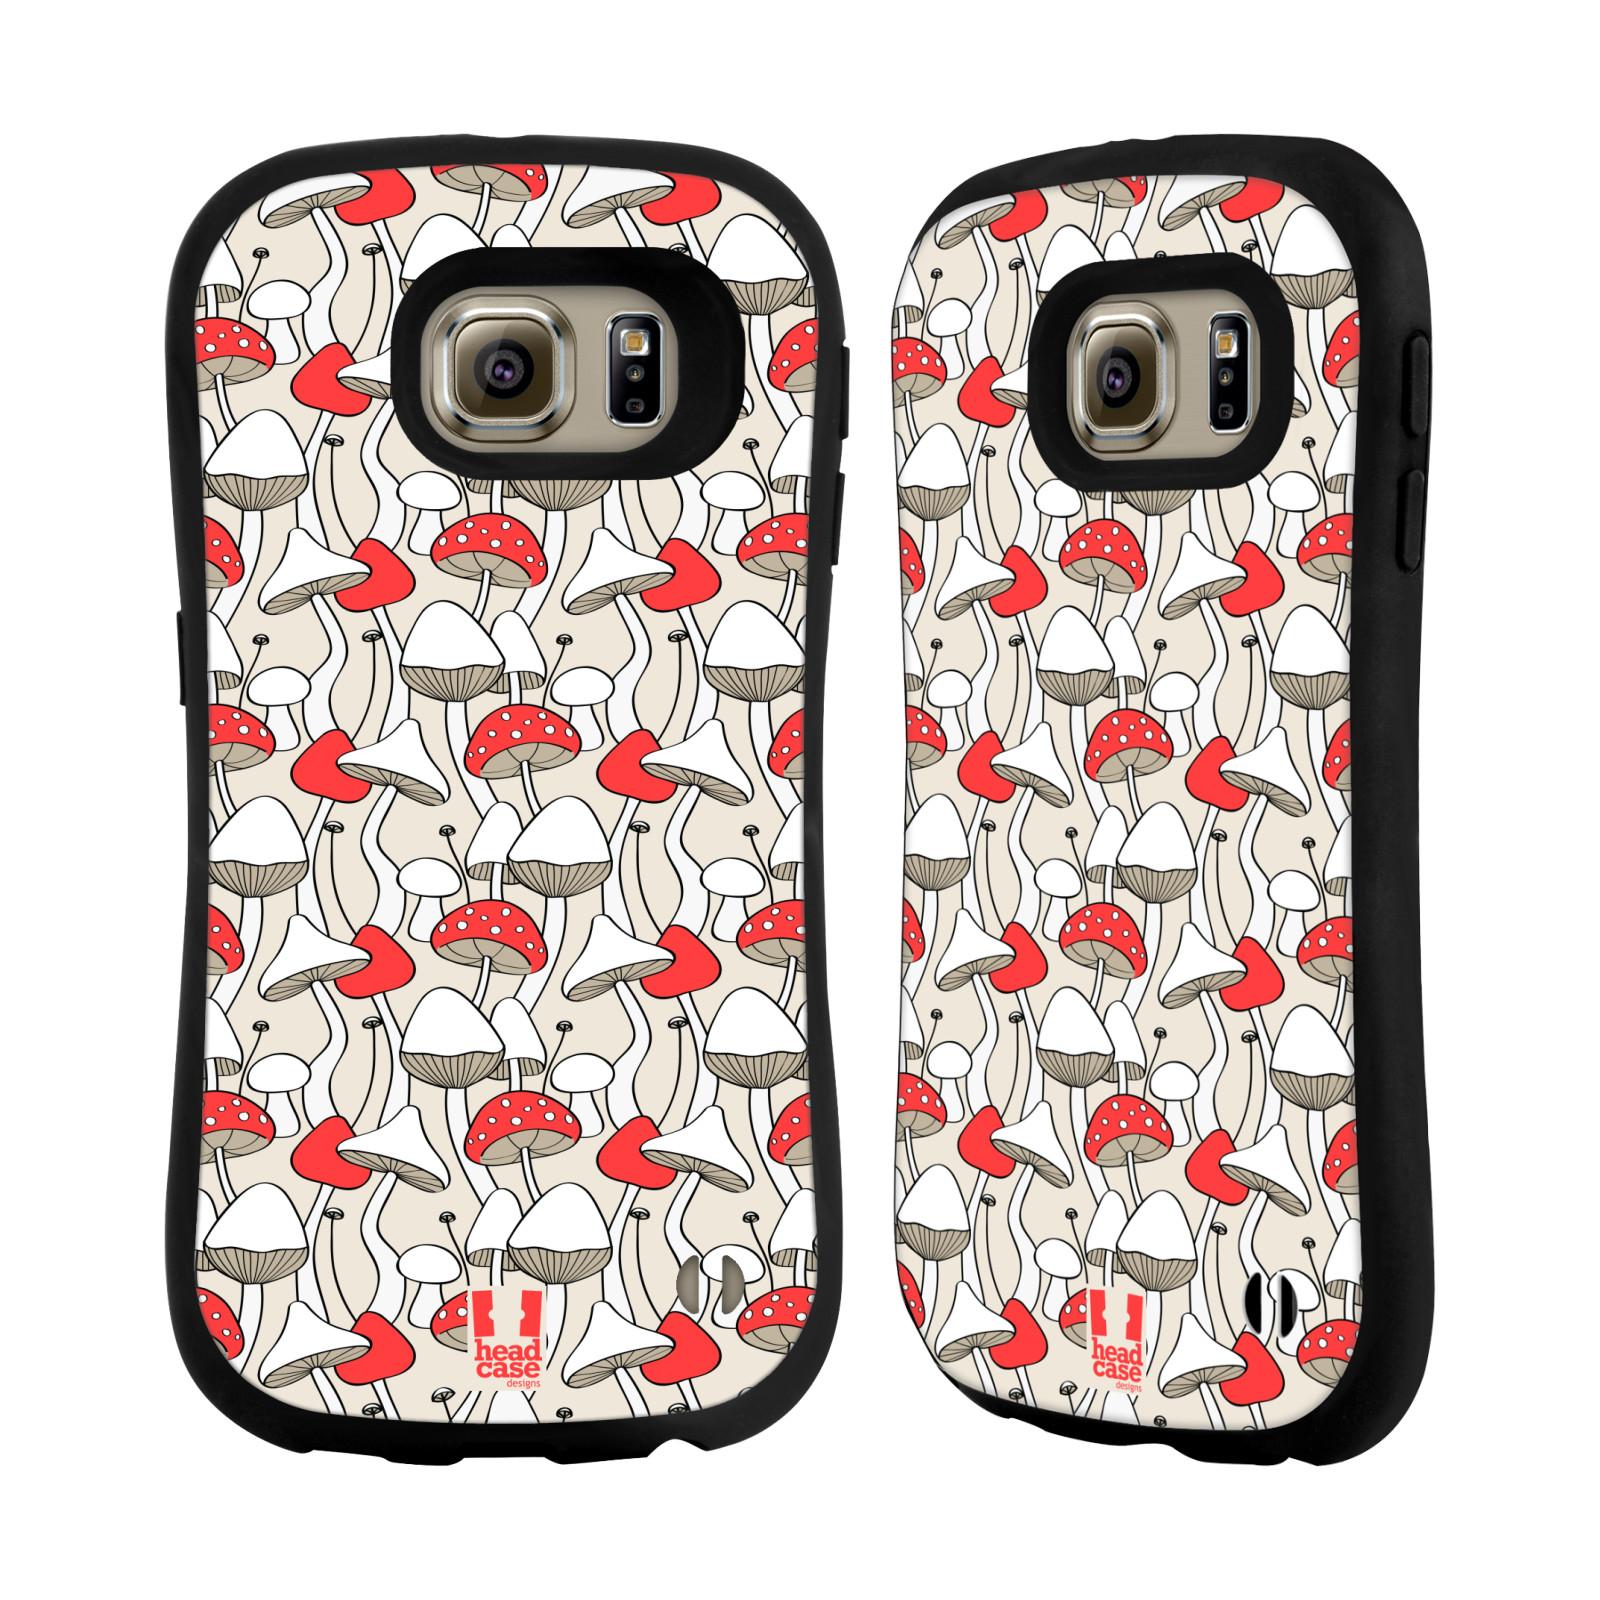 Case-Designs-SETA-brotes-hibrido-HEAD-caso-para-Telefonos-SAMSUNG